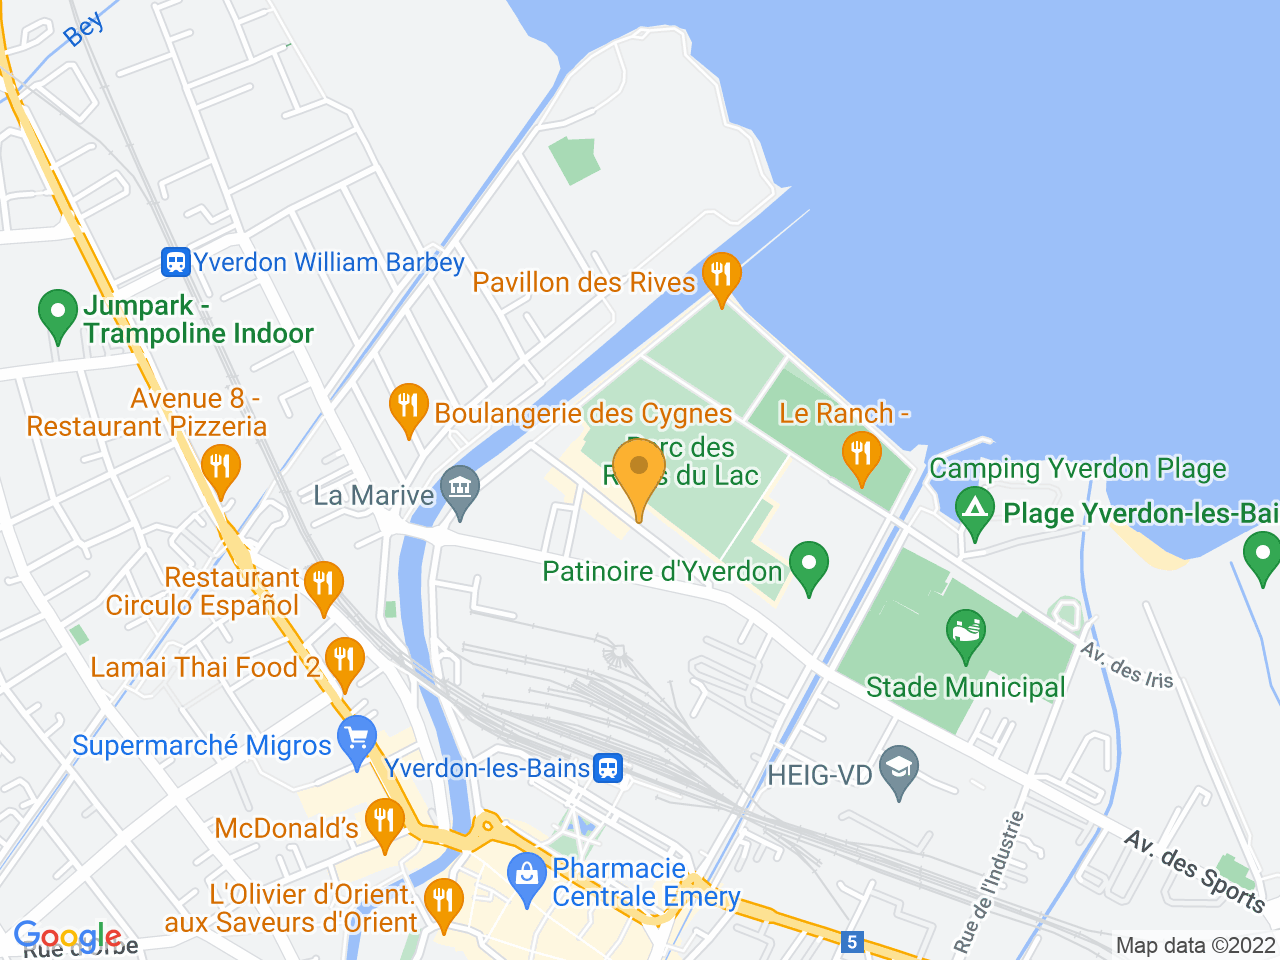 Avenue de l'Hippodrome 3, 1400 Yverdon-les-Bains